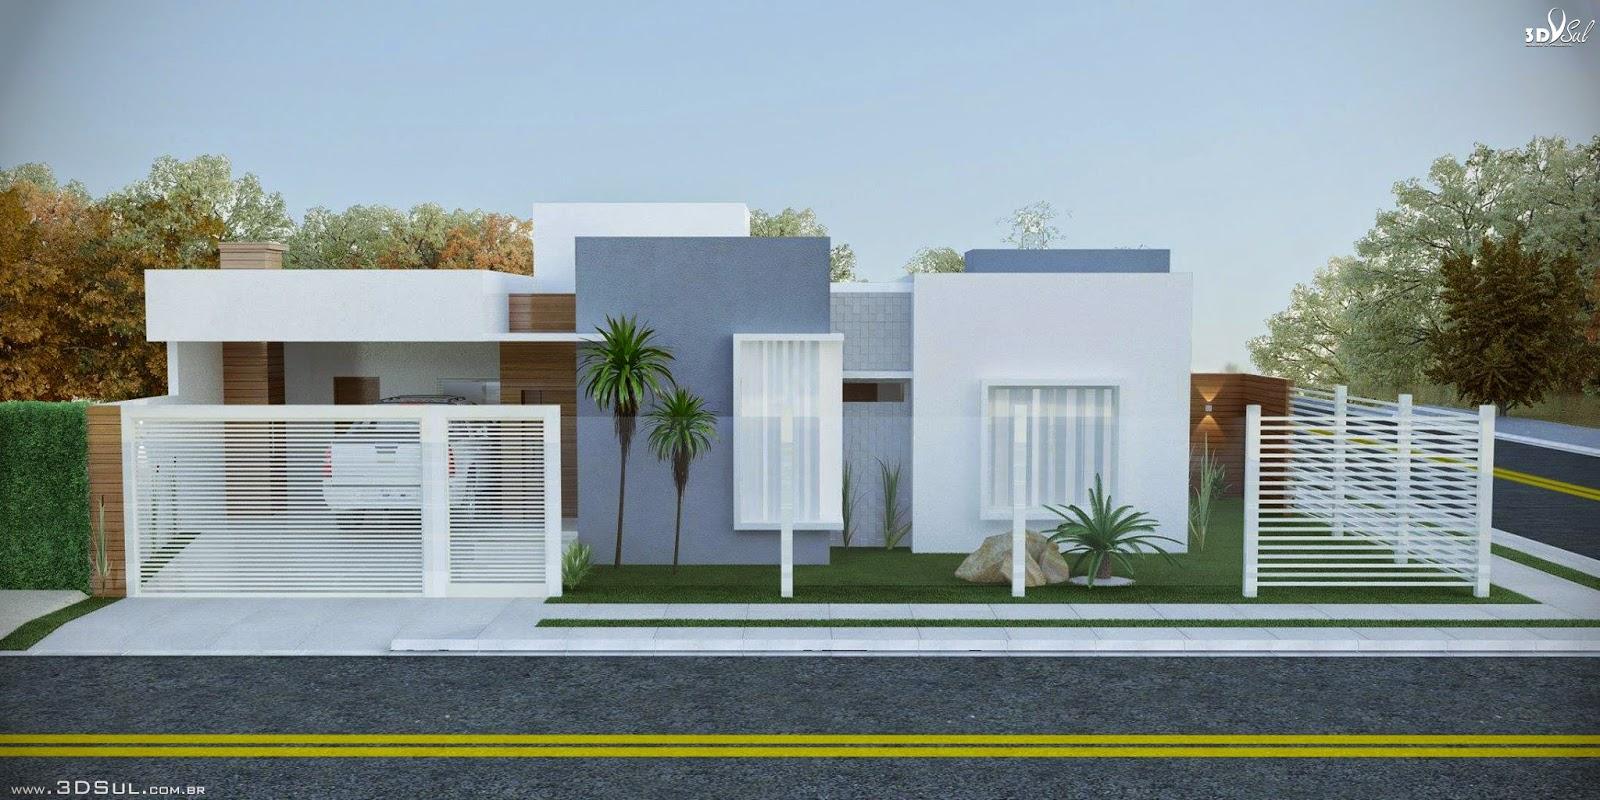 3dsul maquete eletr nica 3d projeto arquitetura - Imagenes de fachadas de empresas ...